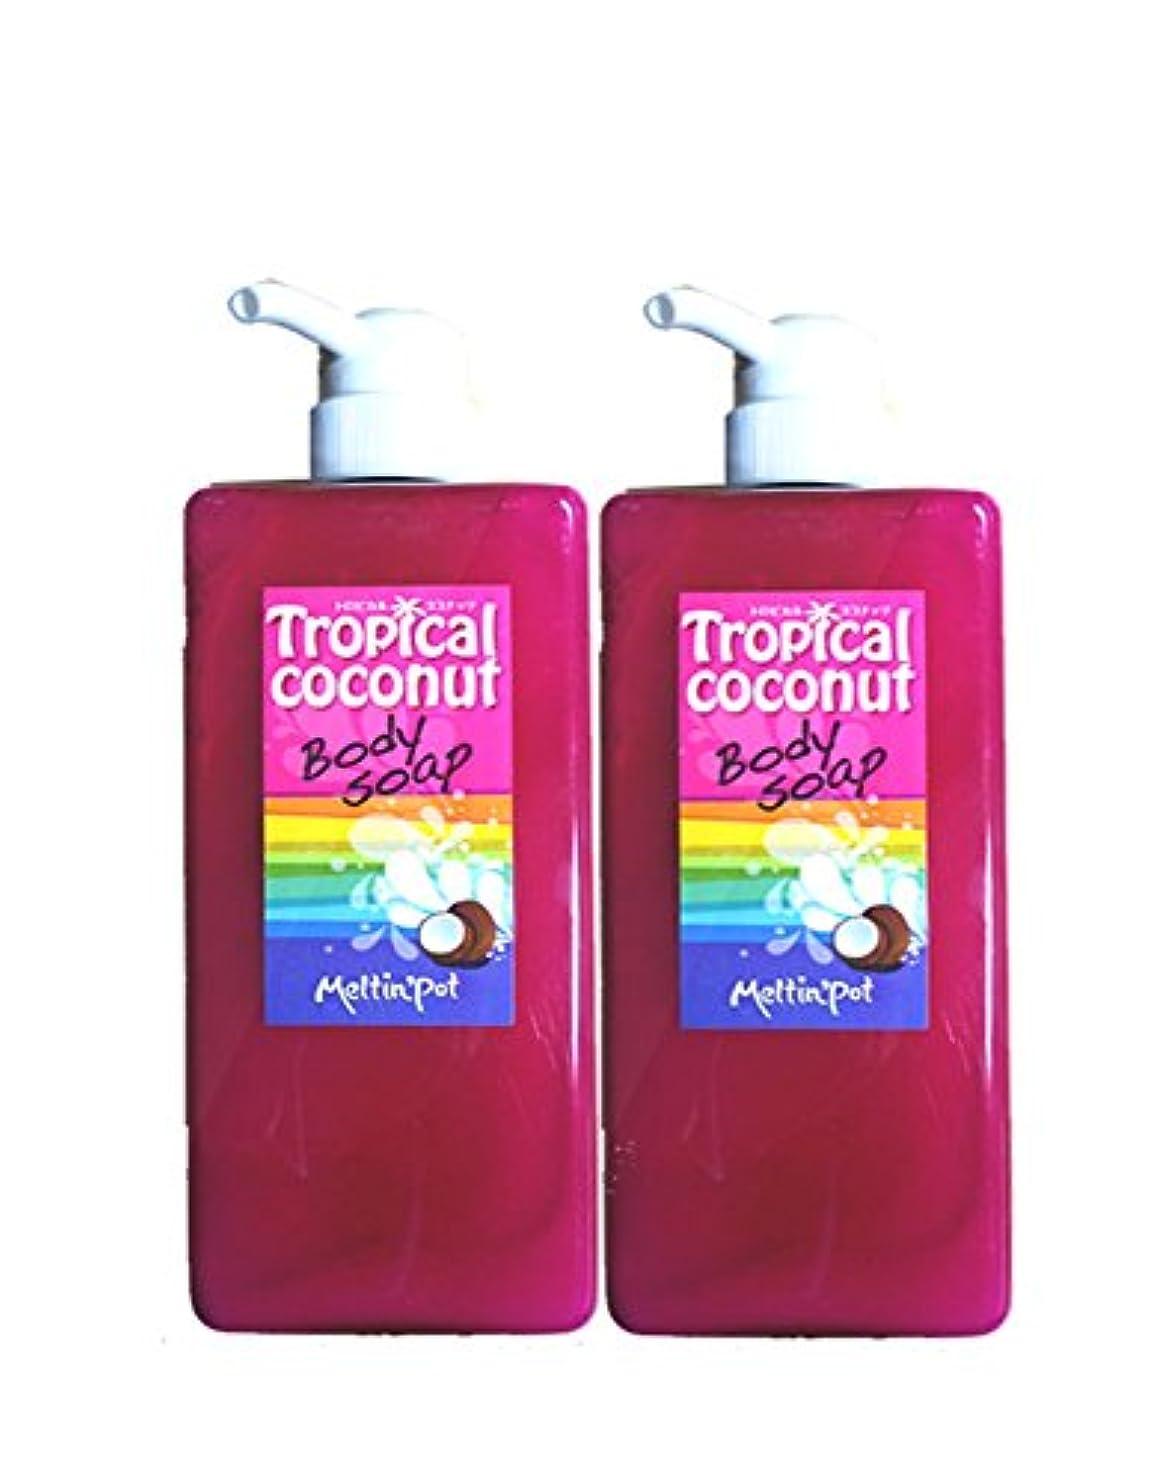 予算シャープ横向きトロピカルココナッツ ボディソープ 600ml*2セット Tropical coconut Body Soap 加齢臭に!